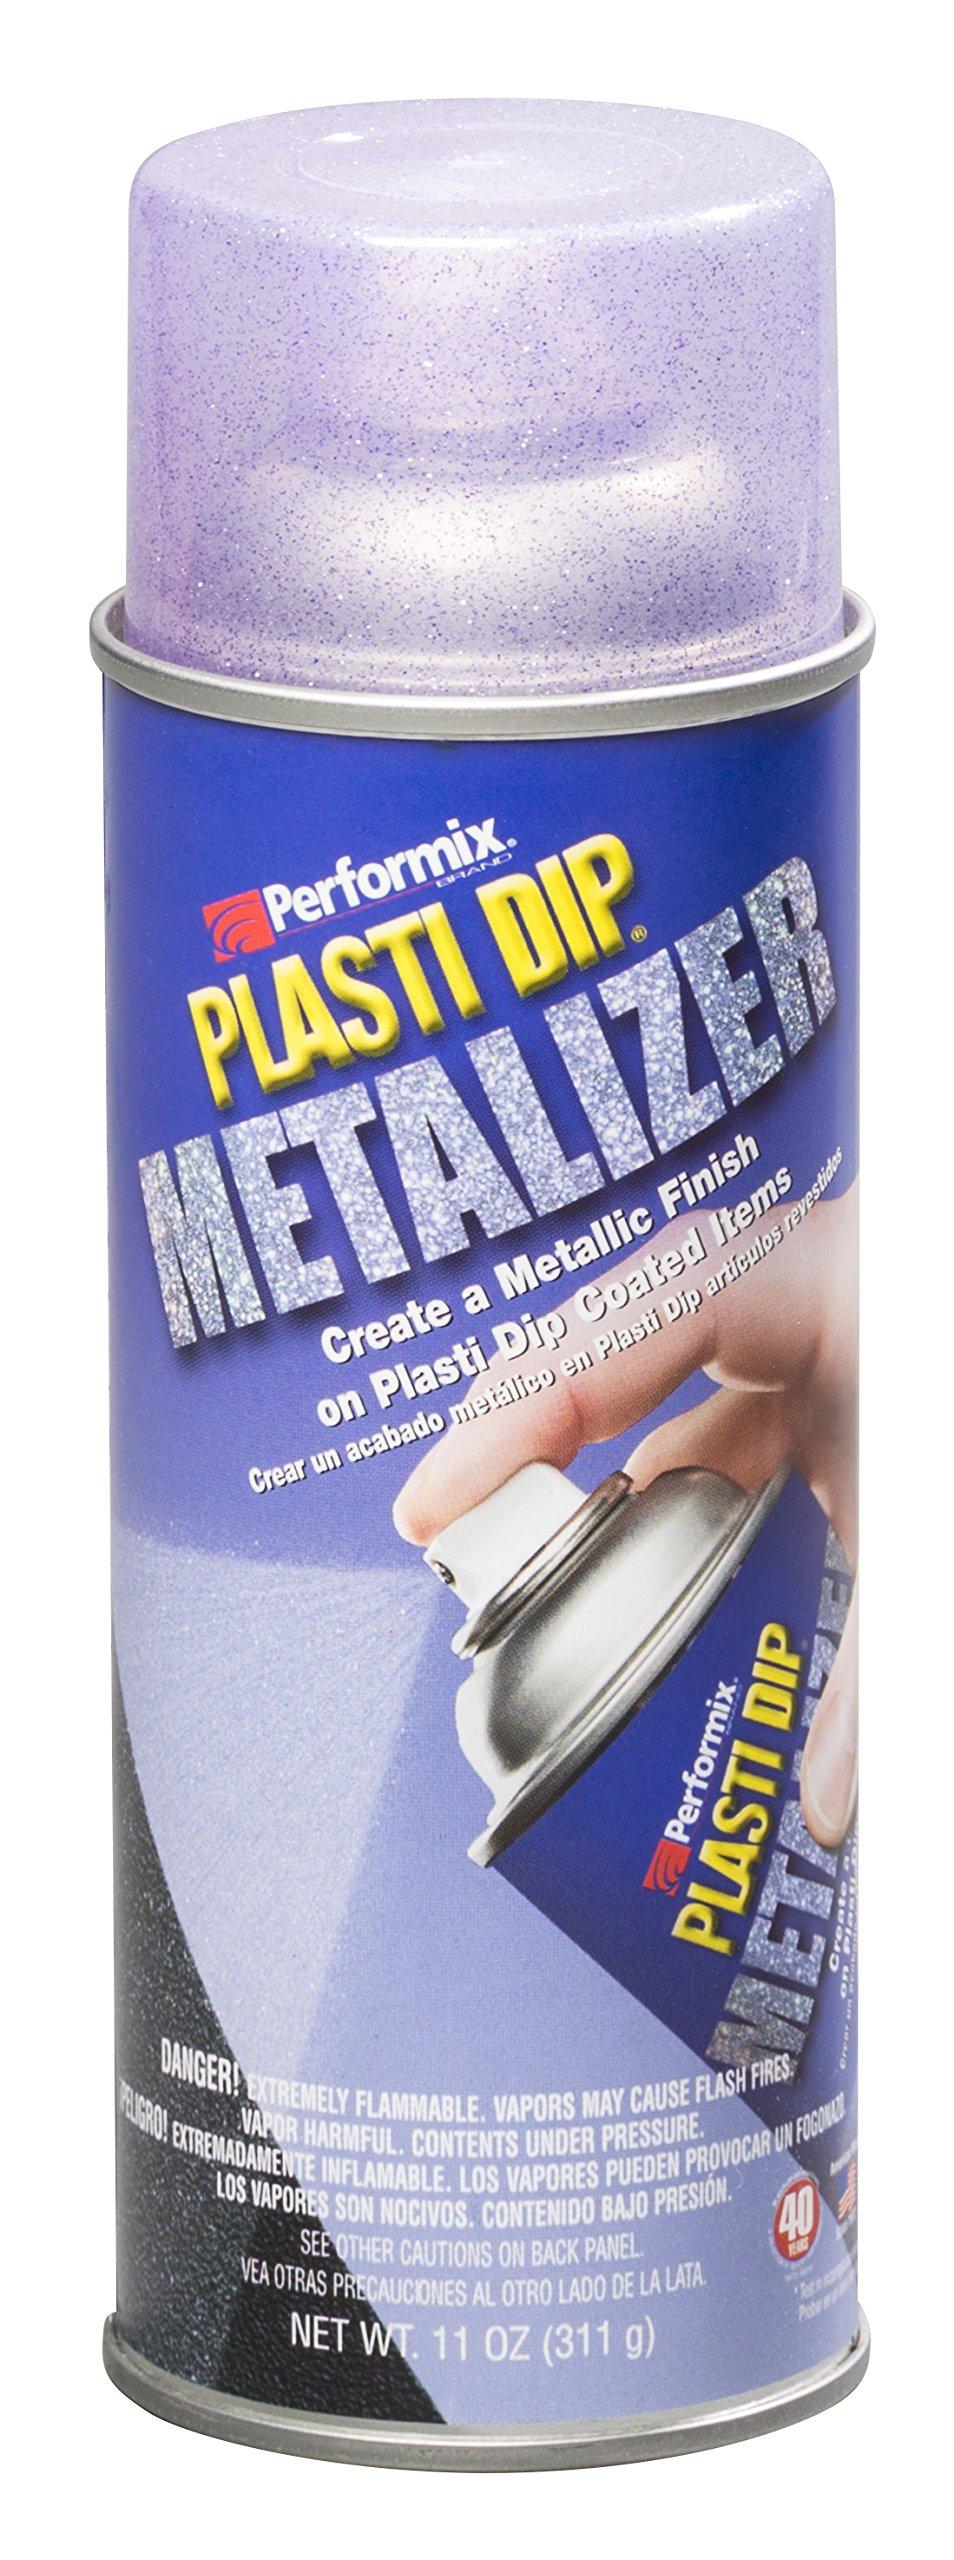 Plasti Dip 11244-6-6PK Violet Metalizer, 11. Fluid_Ounces, 6 Pack